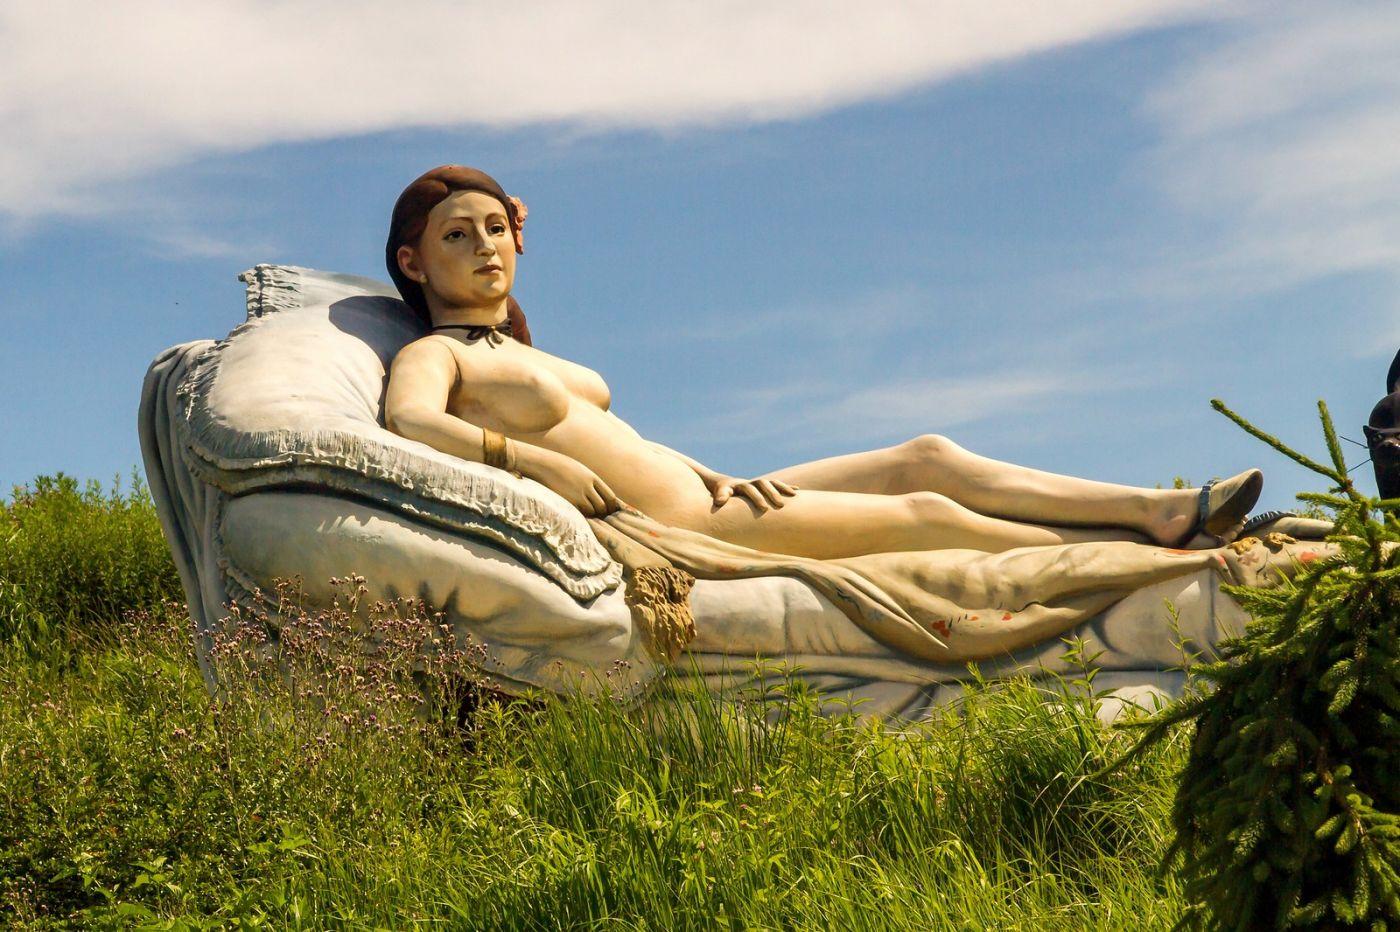 新澤西州雕塑公園(Grounds for scuplture),題材很廣_圖1-11